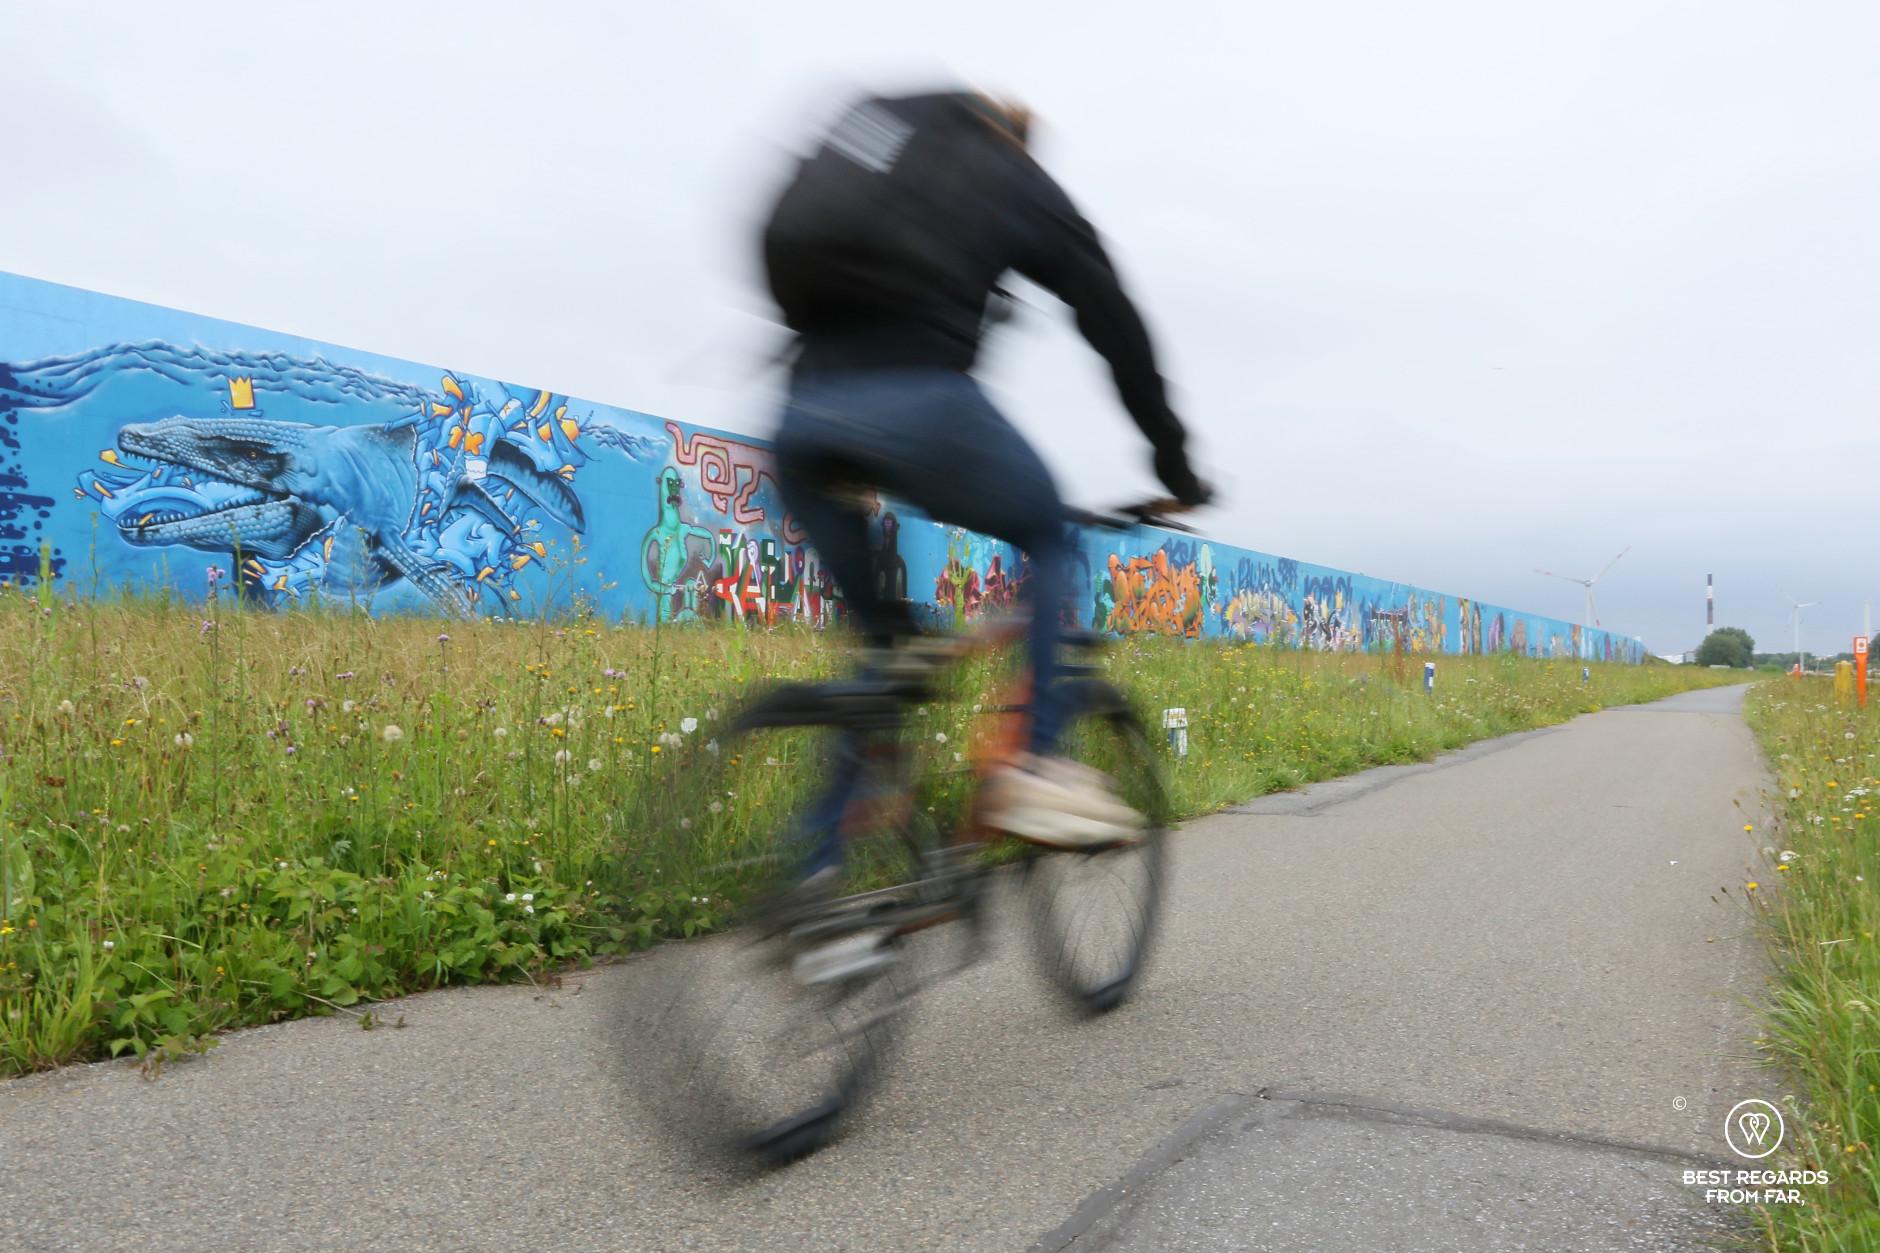 Biker passing fast in front of street art in the industrial harbour of Antwerp, Belgium